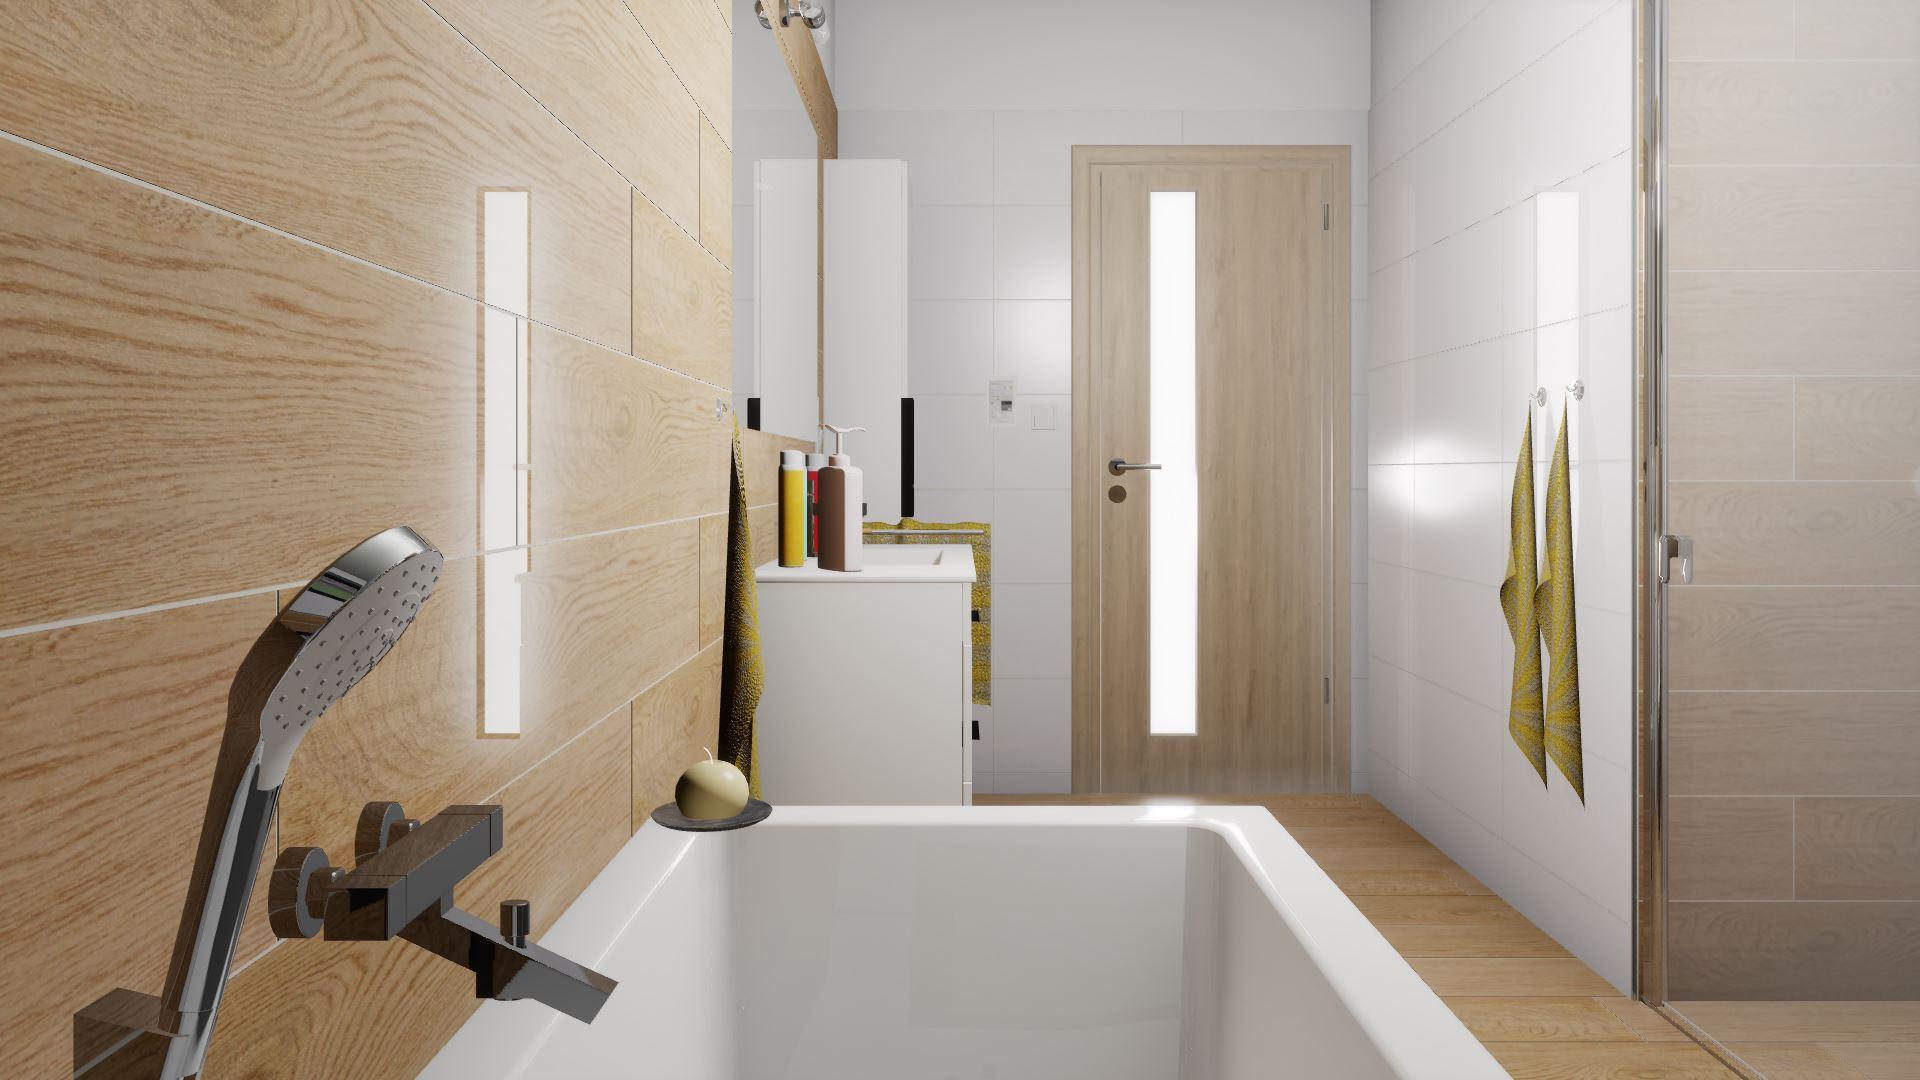 Dětská koupelna a přilehlé WC - Obrázek č. 1